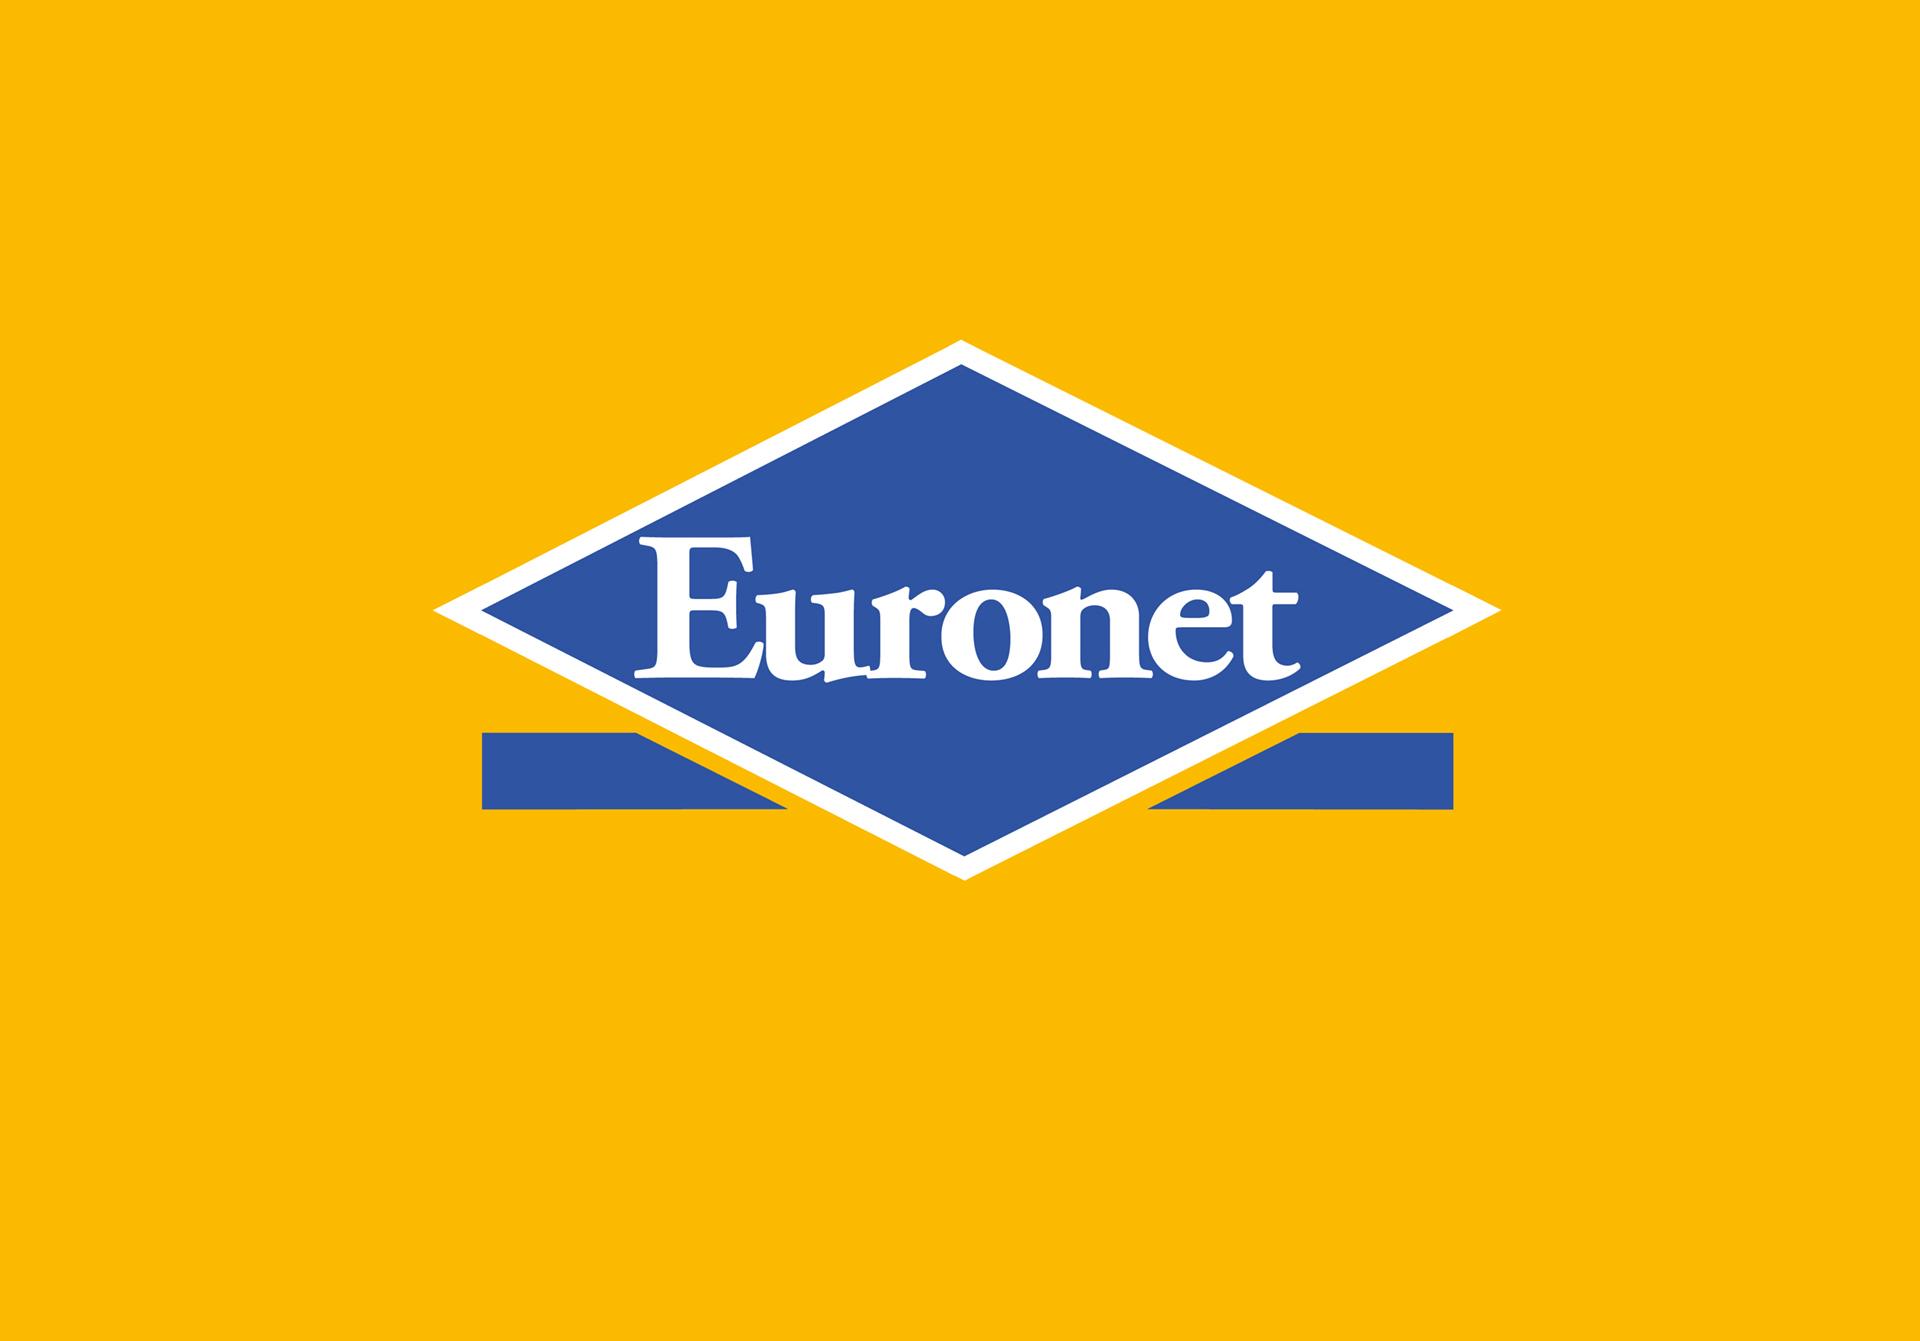 Euronet - Geldautomat - ATM Mannheim